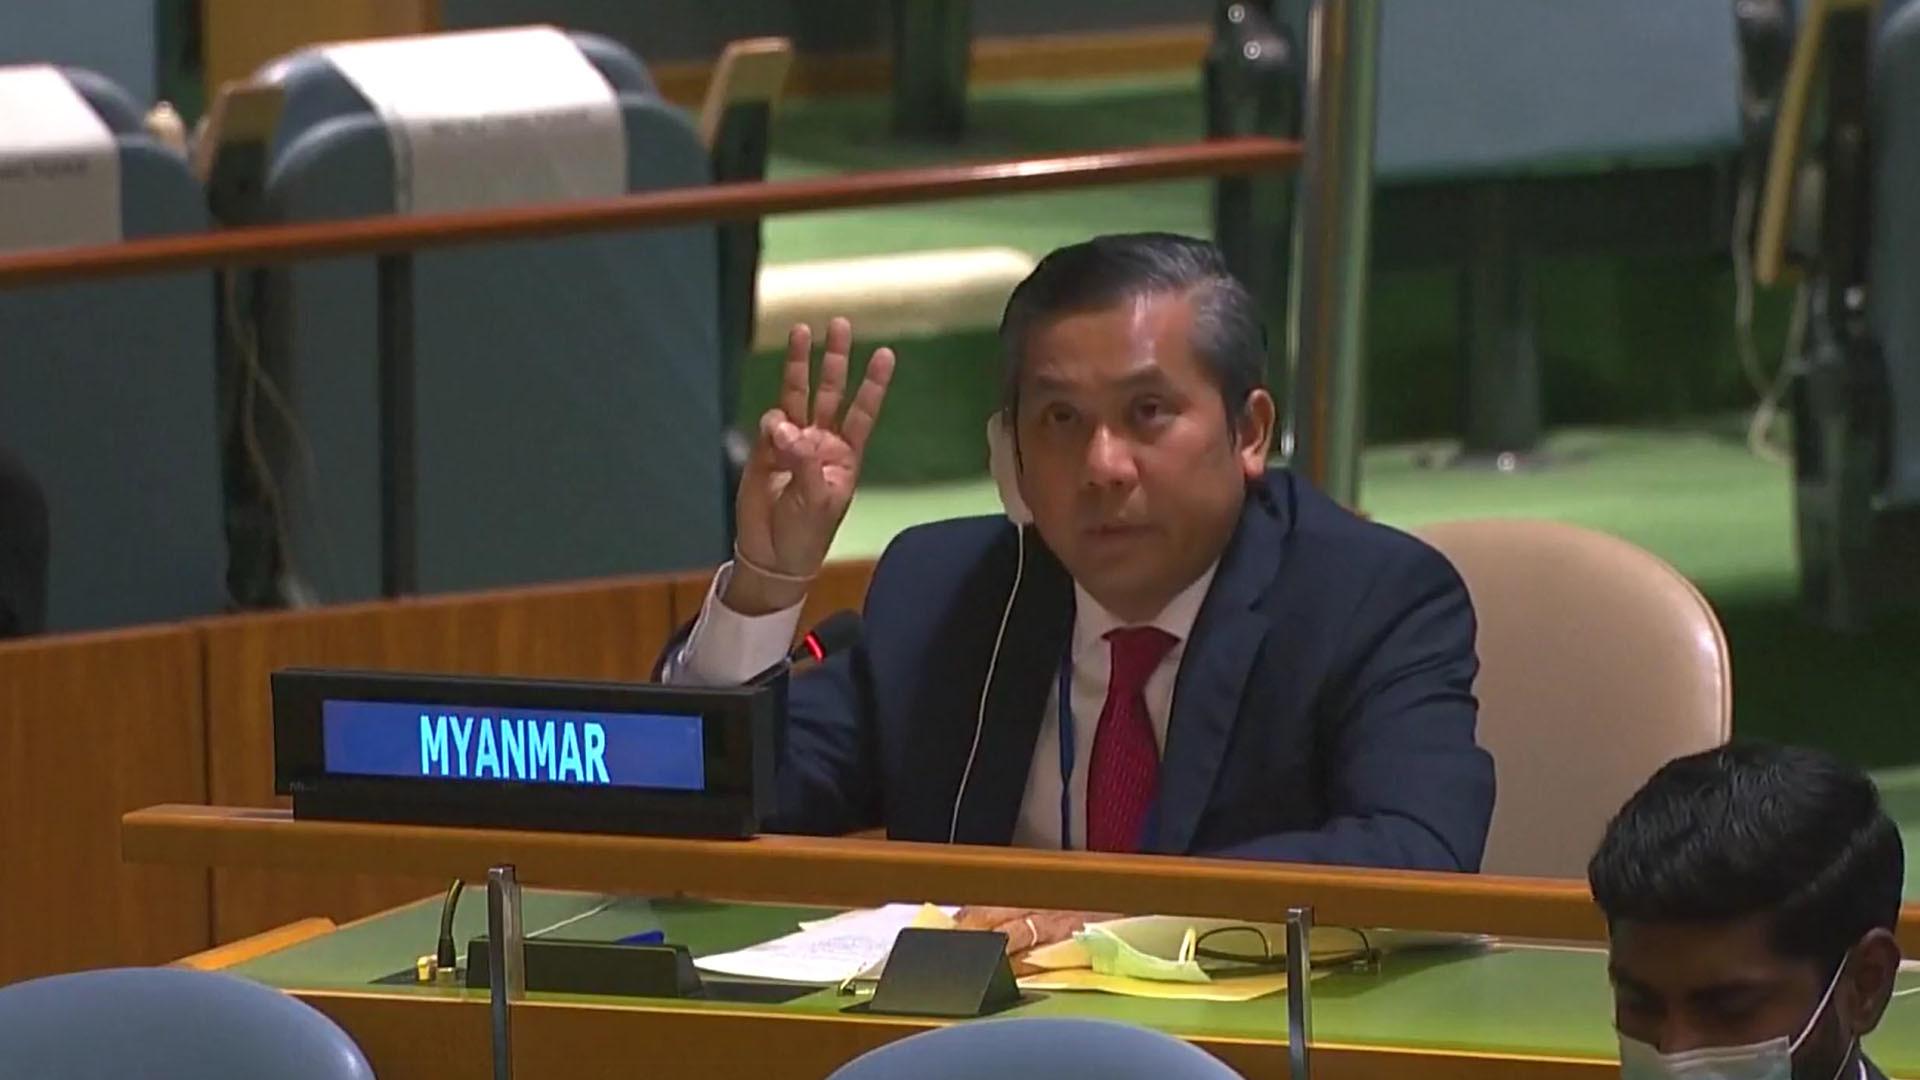 จ่อโมทุน ผู้แทนถาวรของรัฐบาลพม่าประจำสหประชาชาติ (ที่มา:cgtneurope)